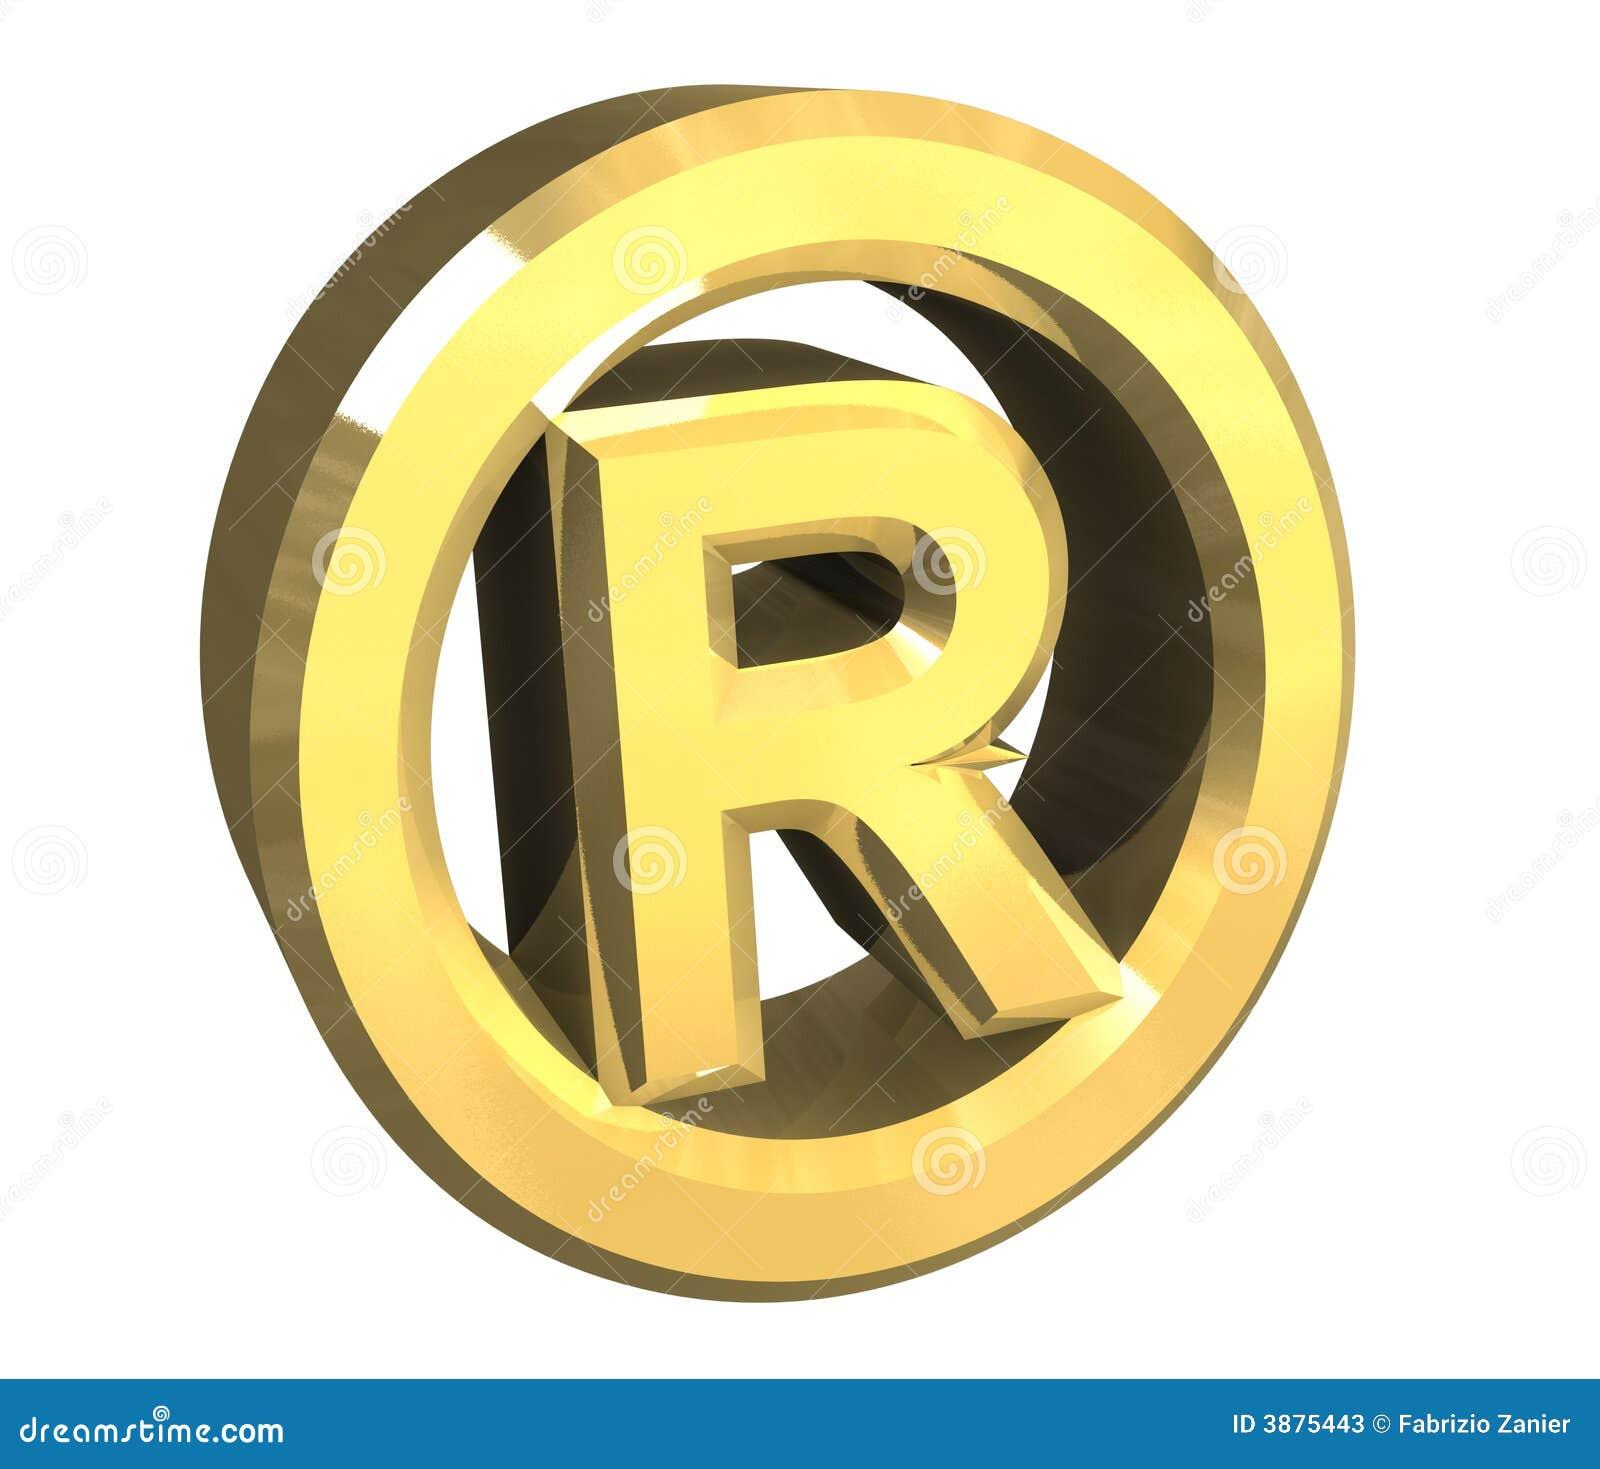 Giusto simbolo riservato in oro - 3d